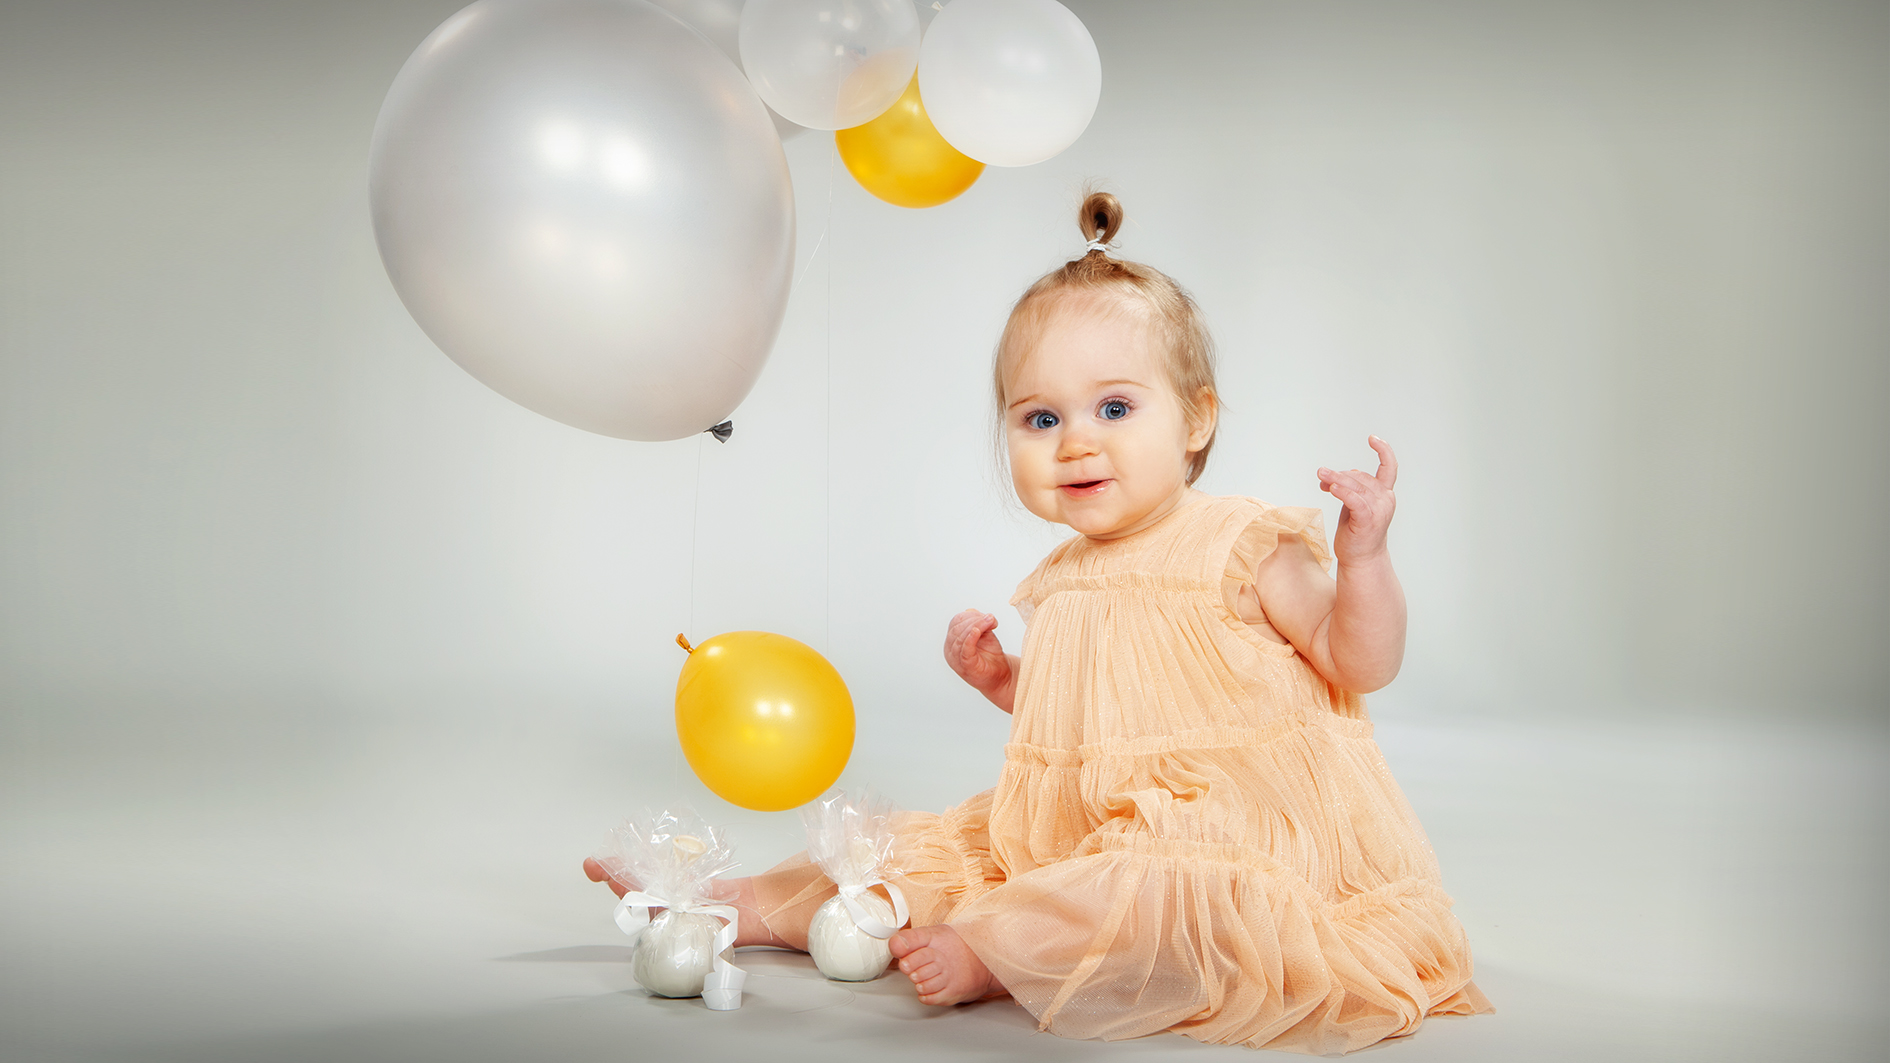 Lapsikuvat ilmapalloilla studiolla - Studio Liikkuva -Valokuvaaja Turku